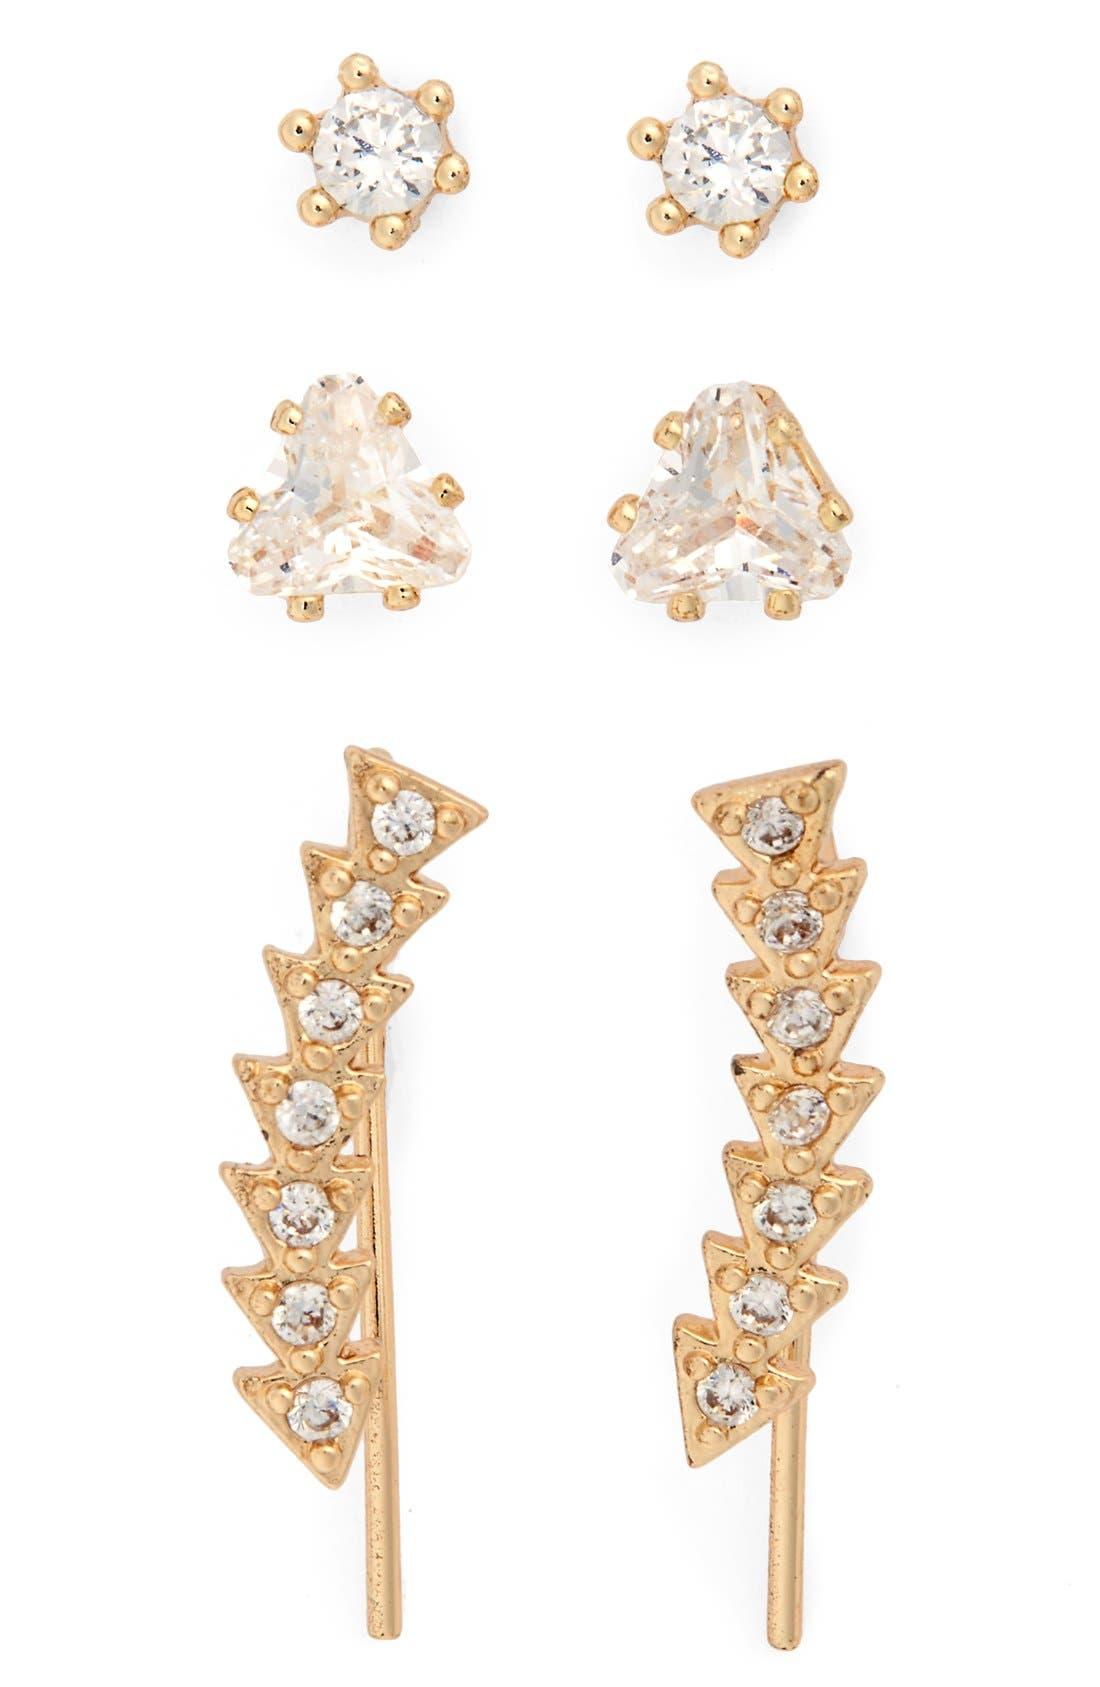 Alternate Image 1 Selected - Loren Olivia Crystal Stud Earrings & Ear Crawlers (Set of 3)